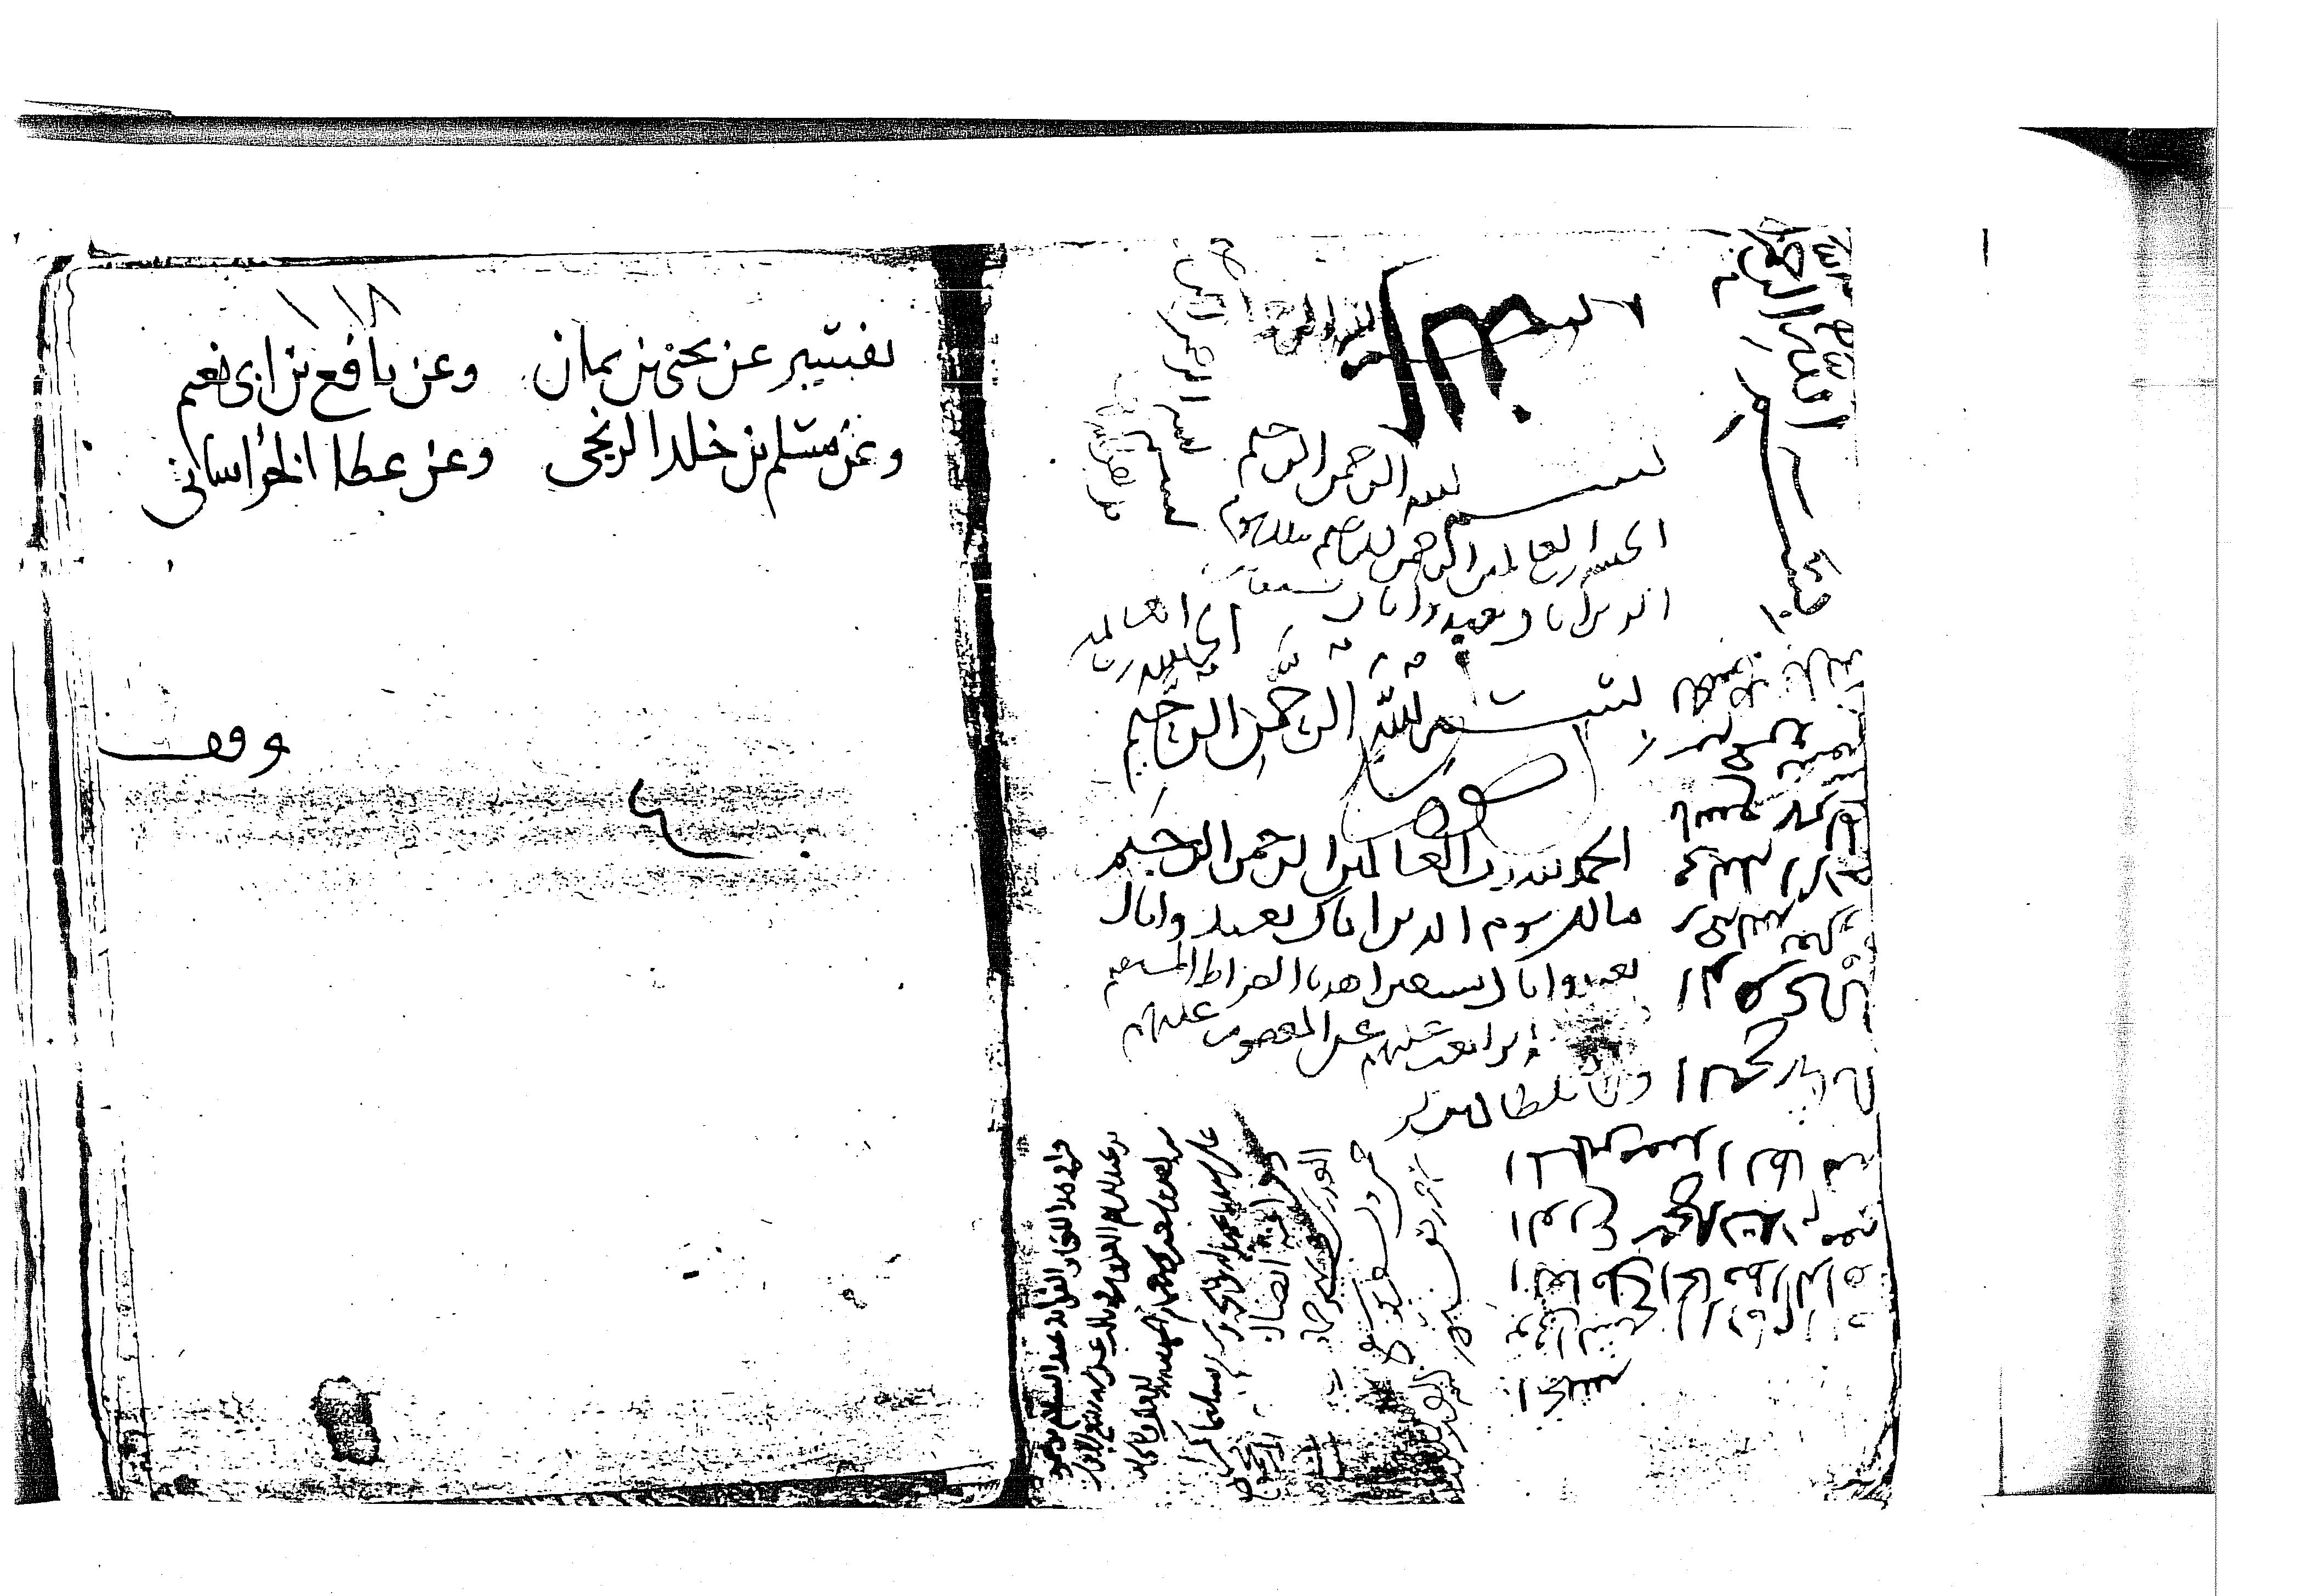 تحميل كتاب جزء في تفسير القرآن لـِ: الإمام أبو جعفر محمد بن أحمد بن نصر الشافعي الترمذي (ت 295)